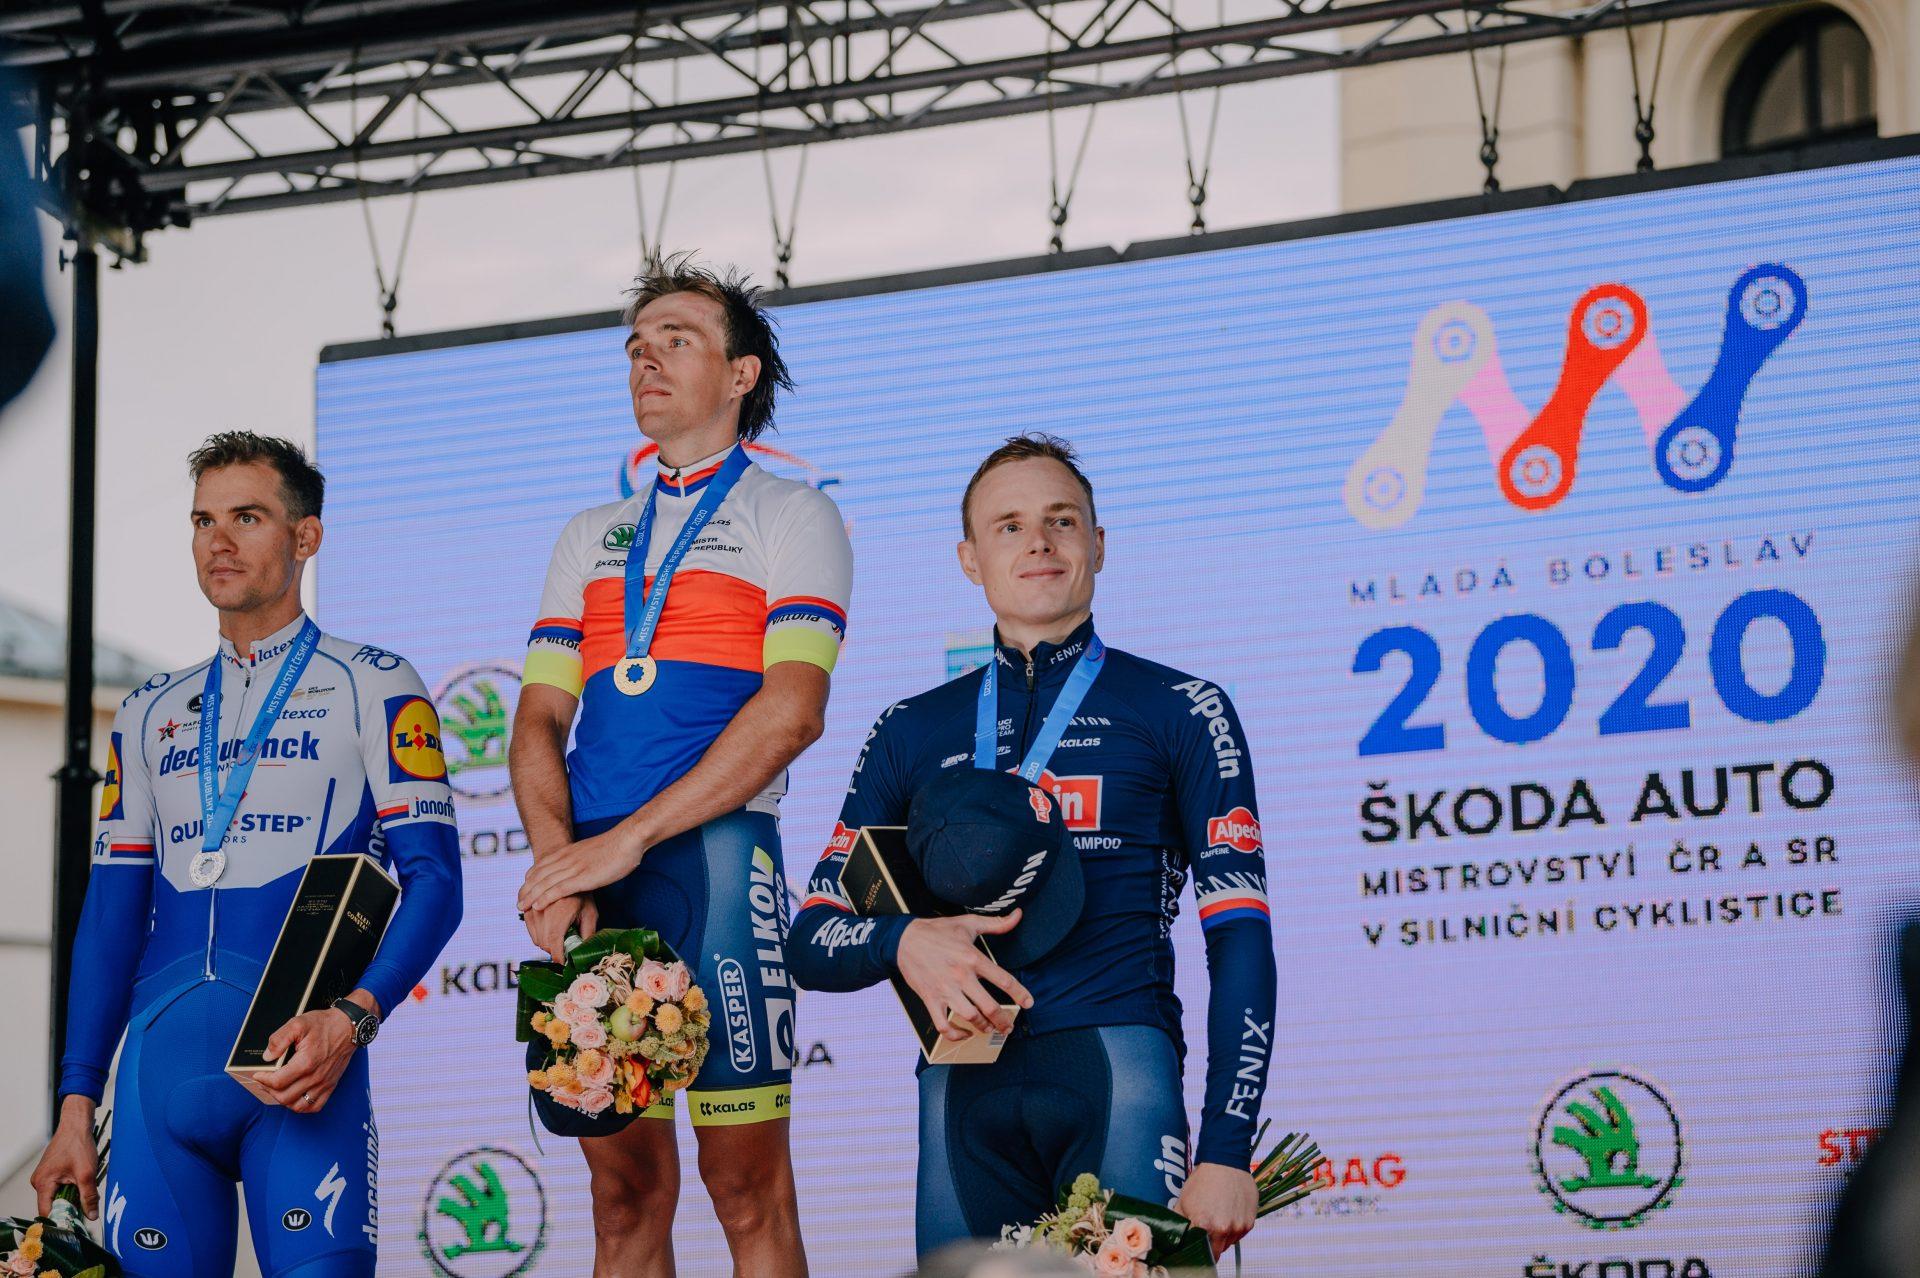 Stupně vítězů na mistrovství Škoda Auto v silniční cyklistice 2020. Zleva druhý Zdeněk Štybar, vítězný Adam Ťoupalík a bronzový Petr Vakoč. Foto: Jan Brychta